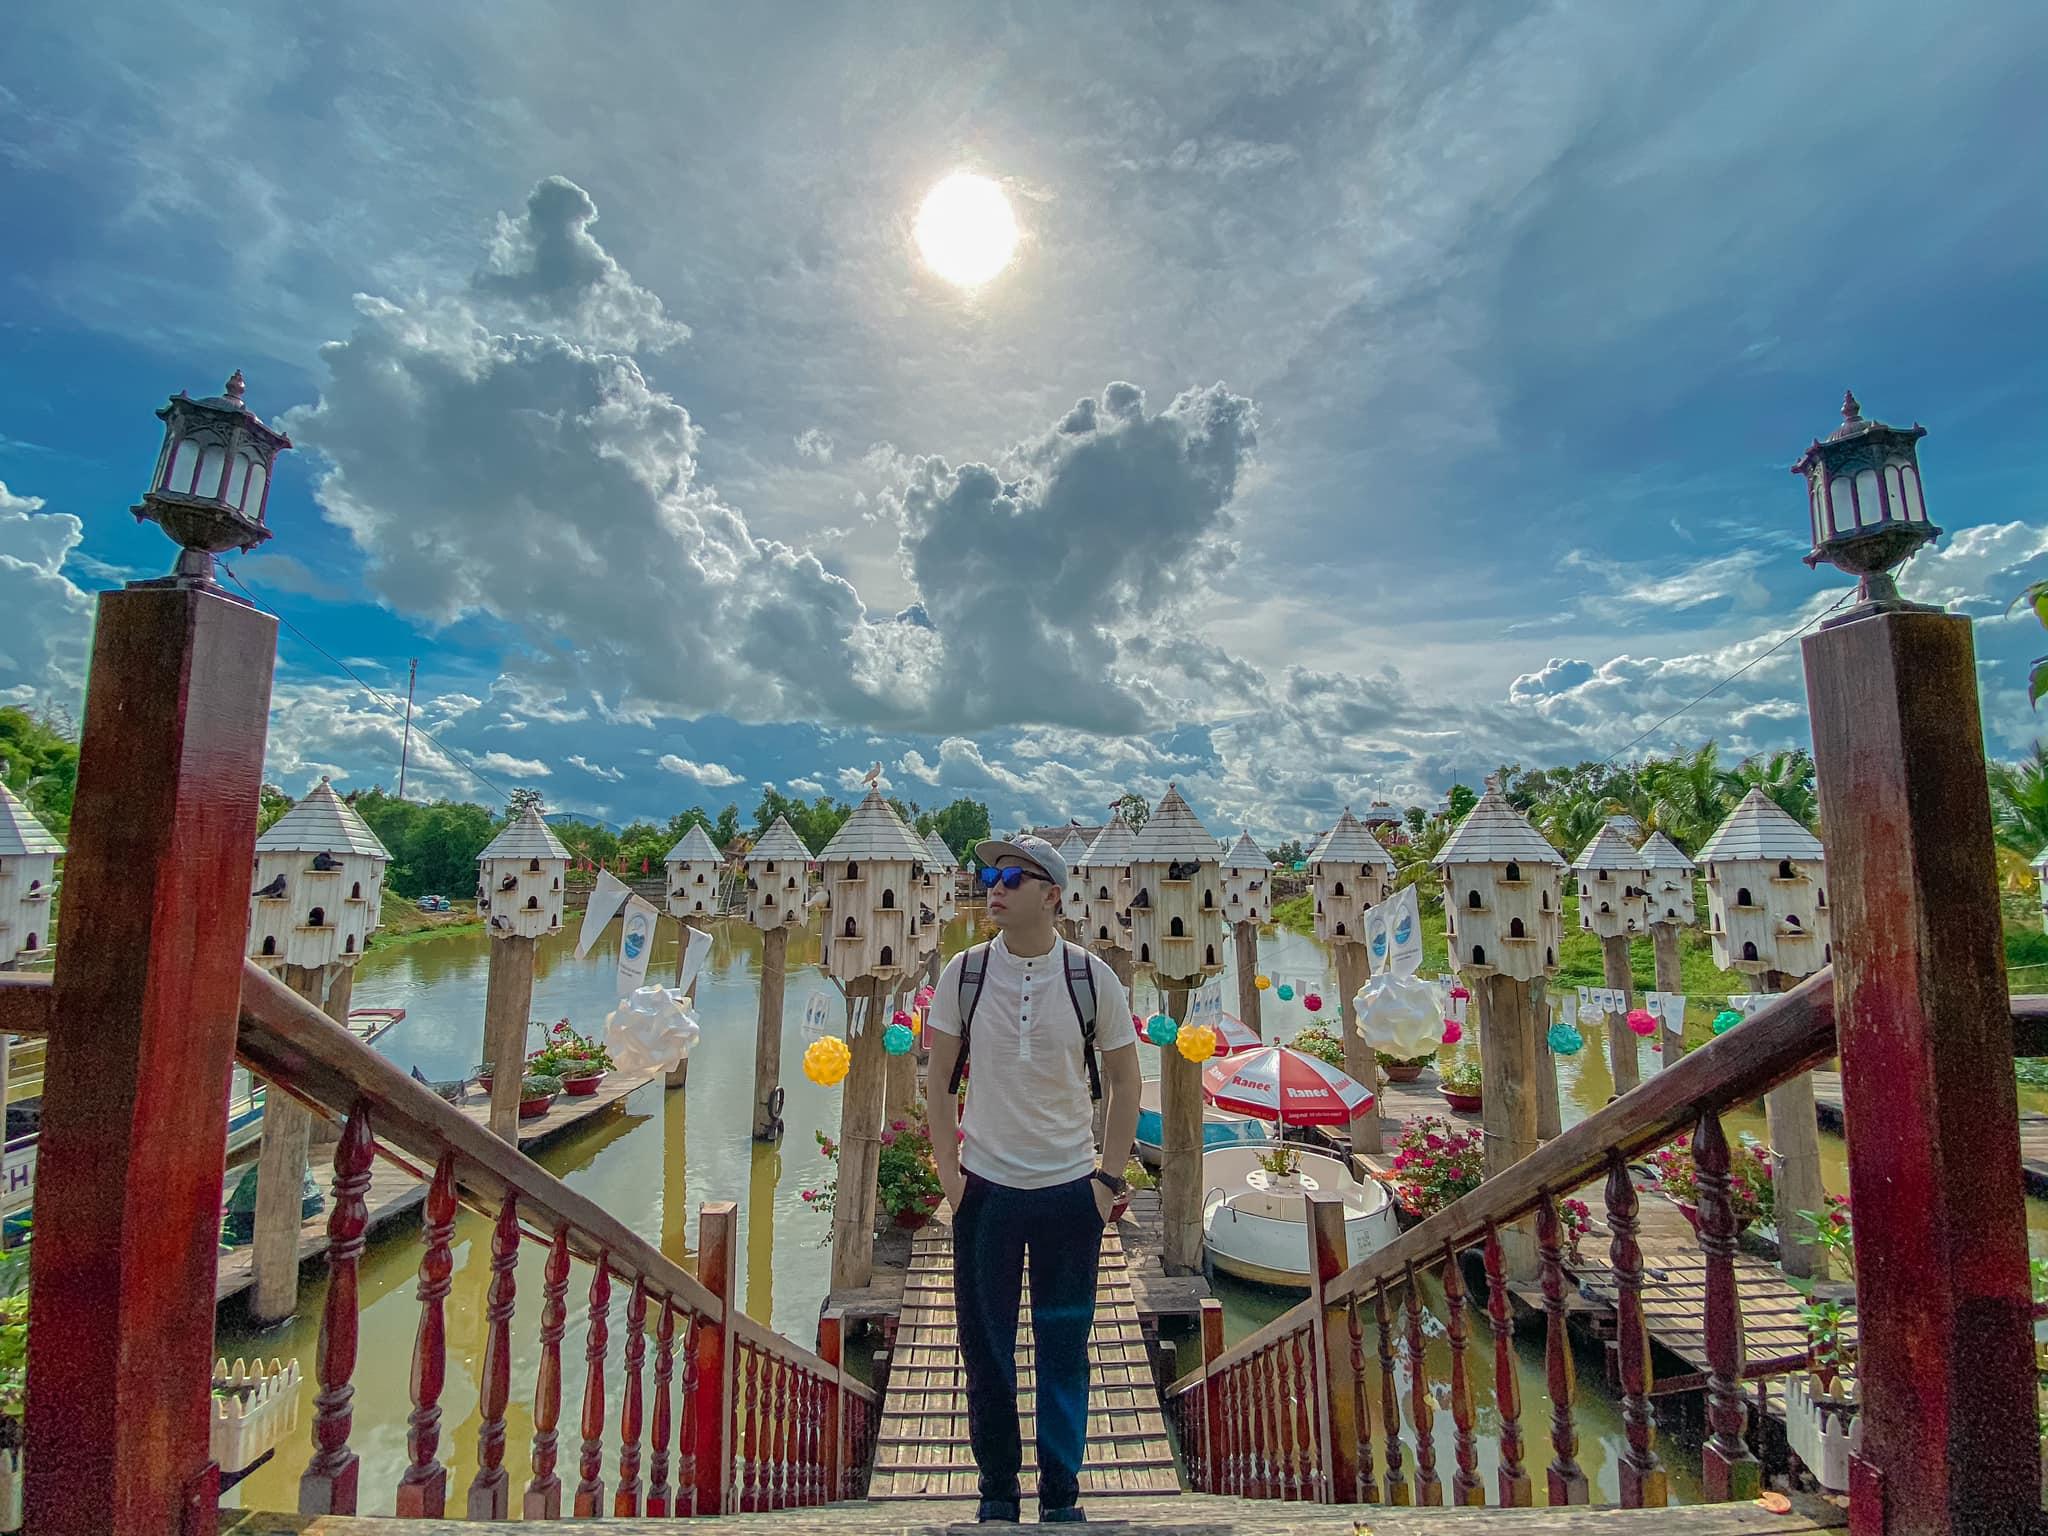 Hành trình khám phá những địa điểm đẹp nhất tại rừng tràm Trà Sư, An Giang  - Ảnh 3.